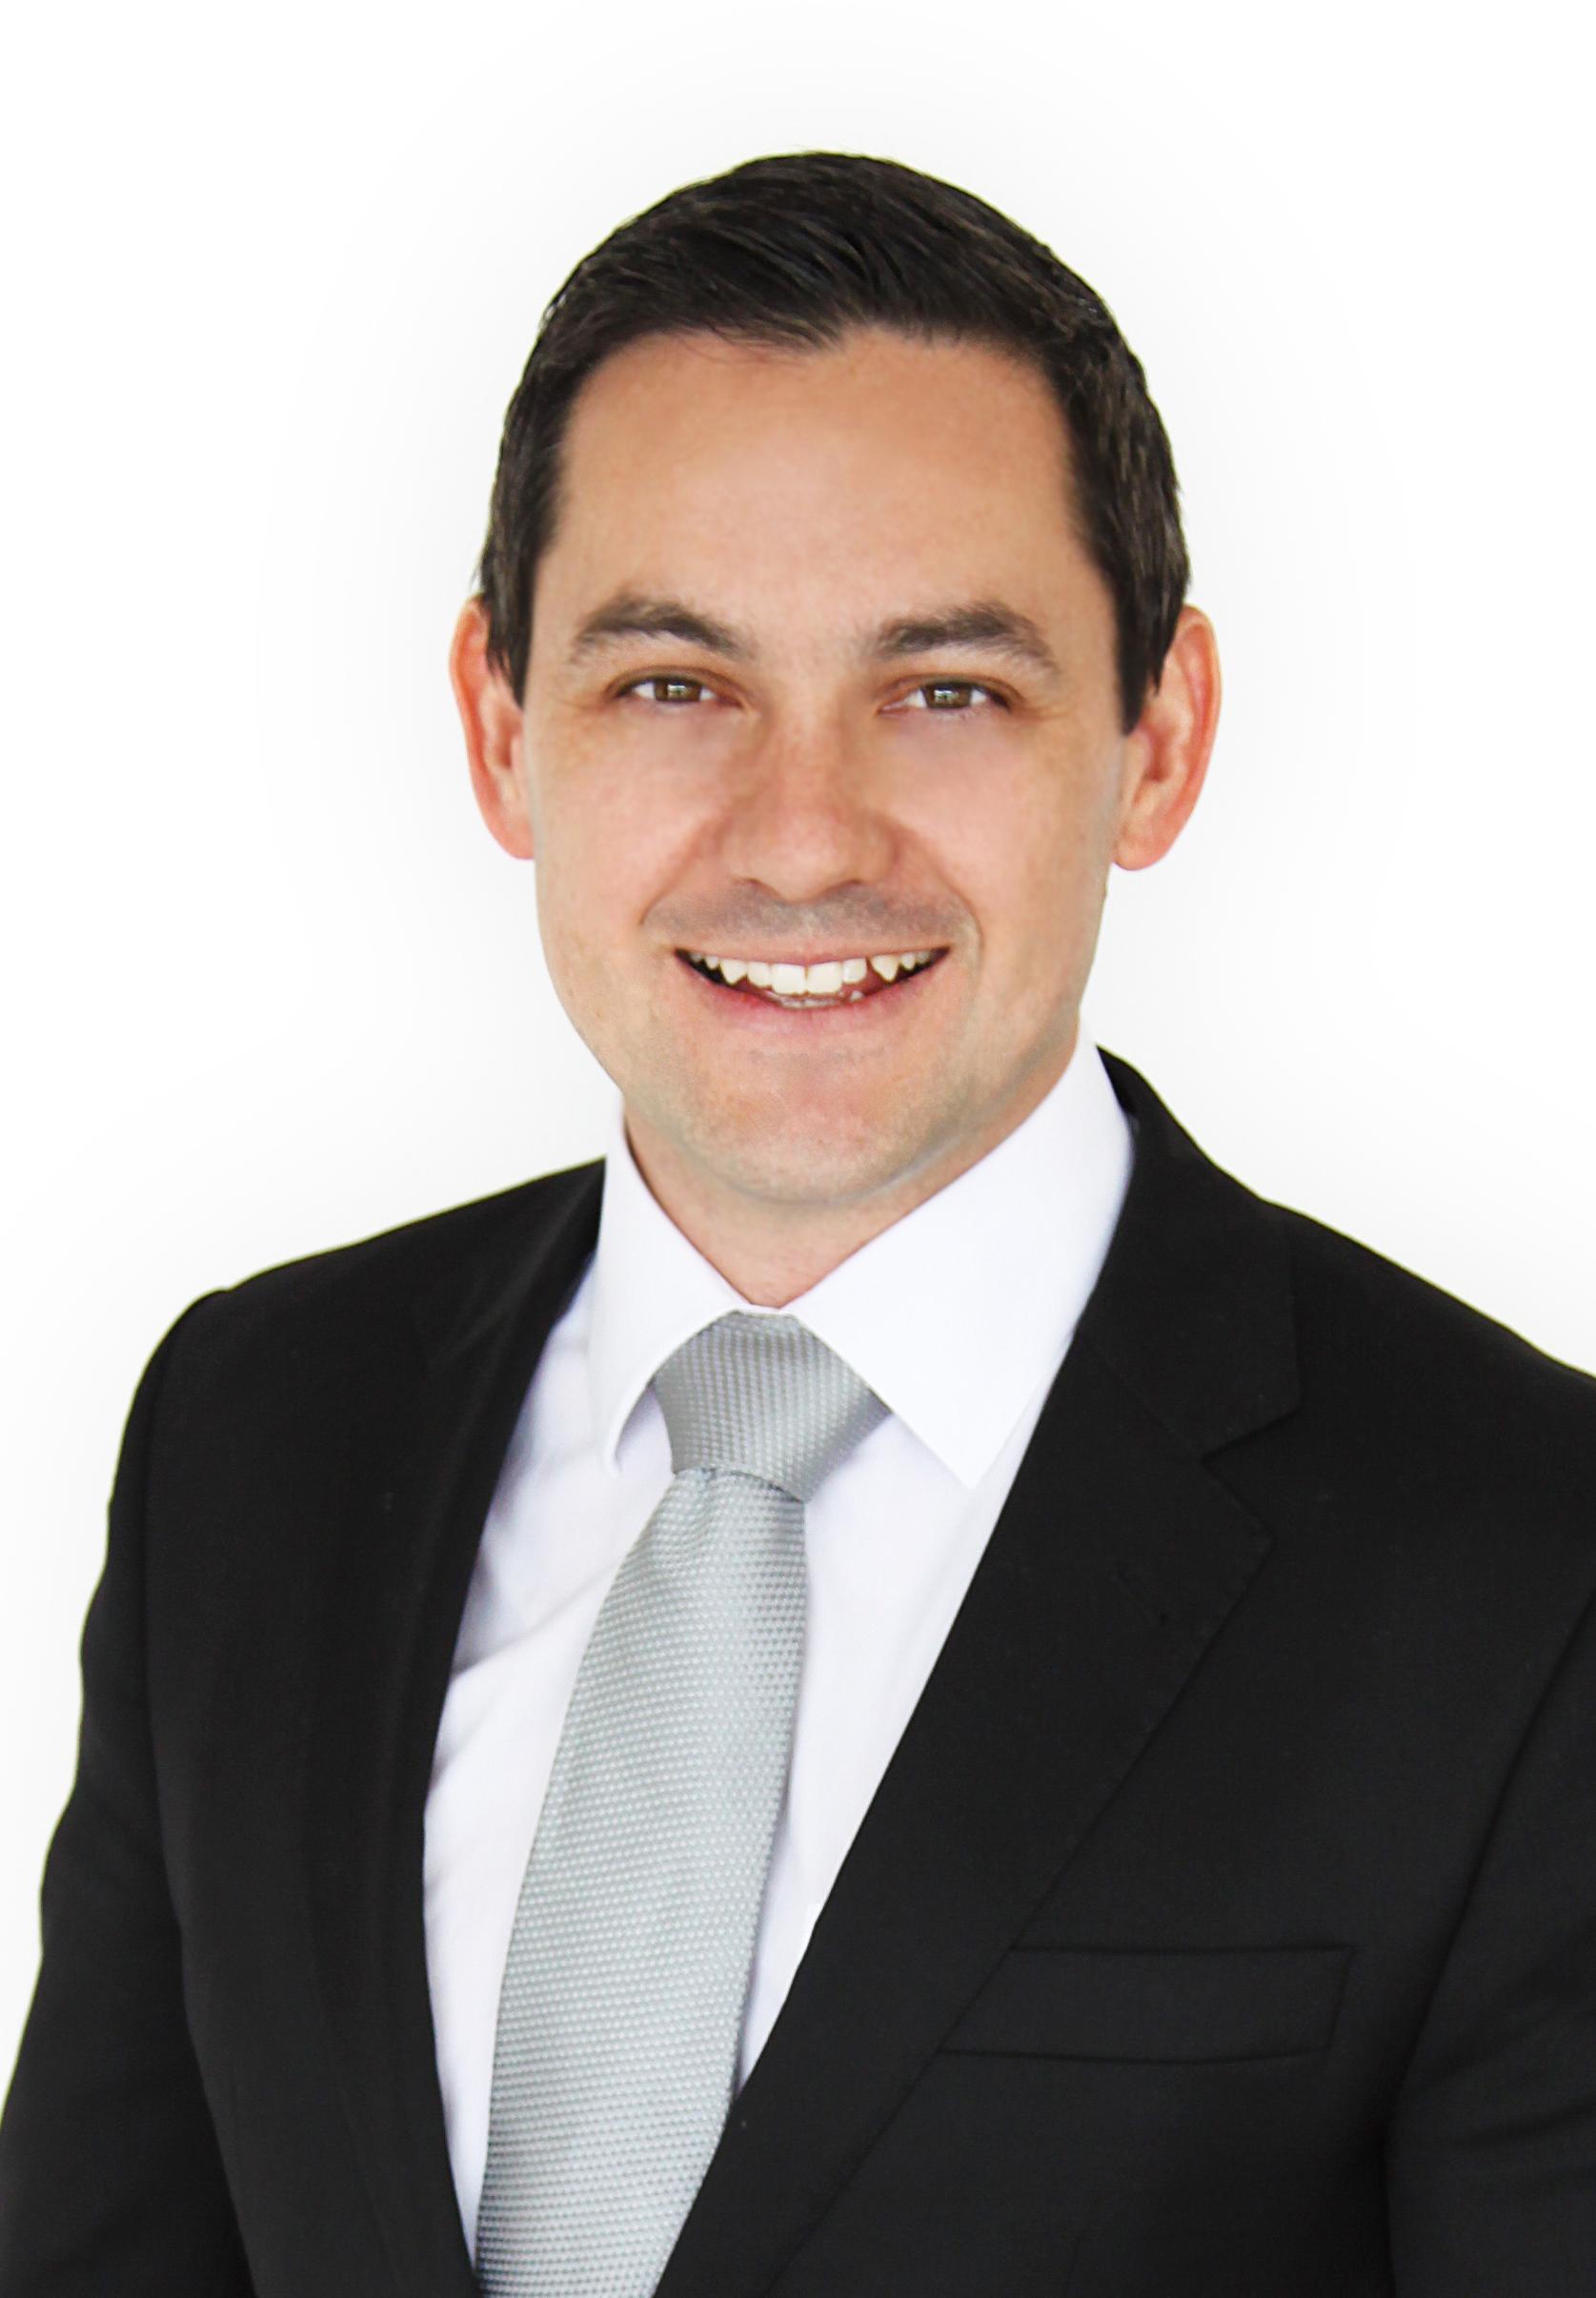 Jason Yianakis